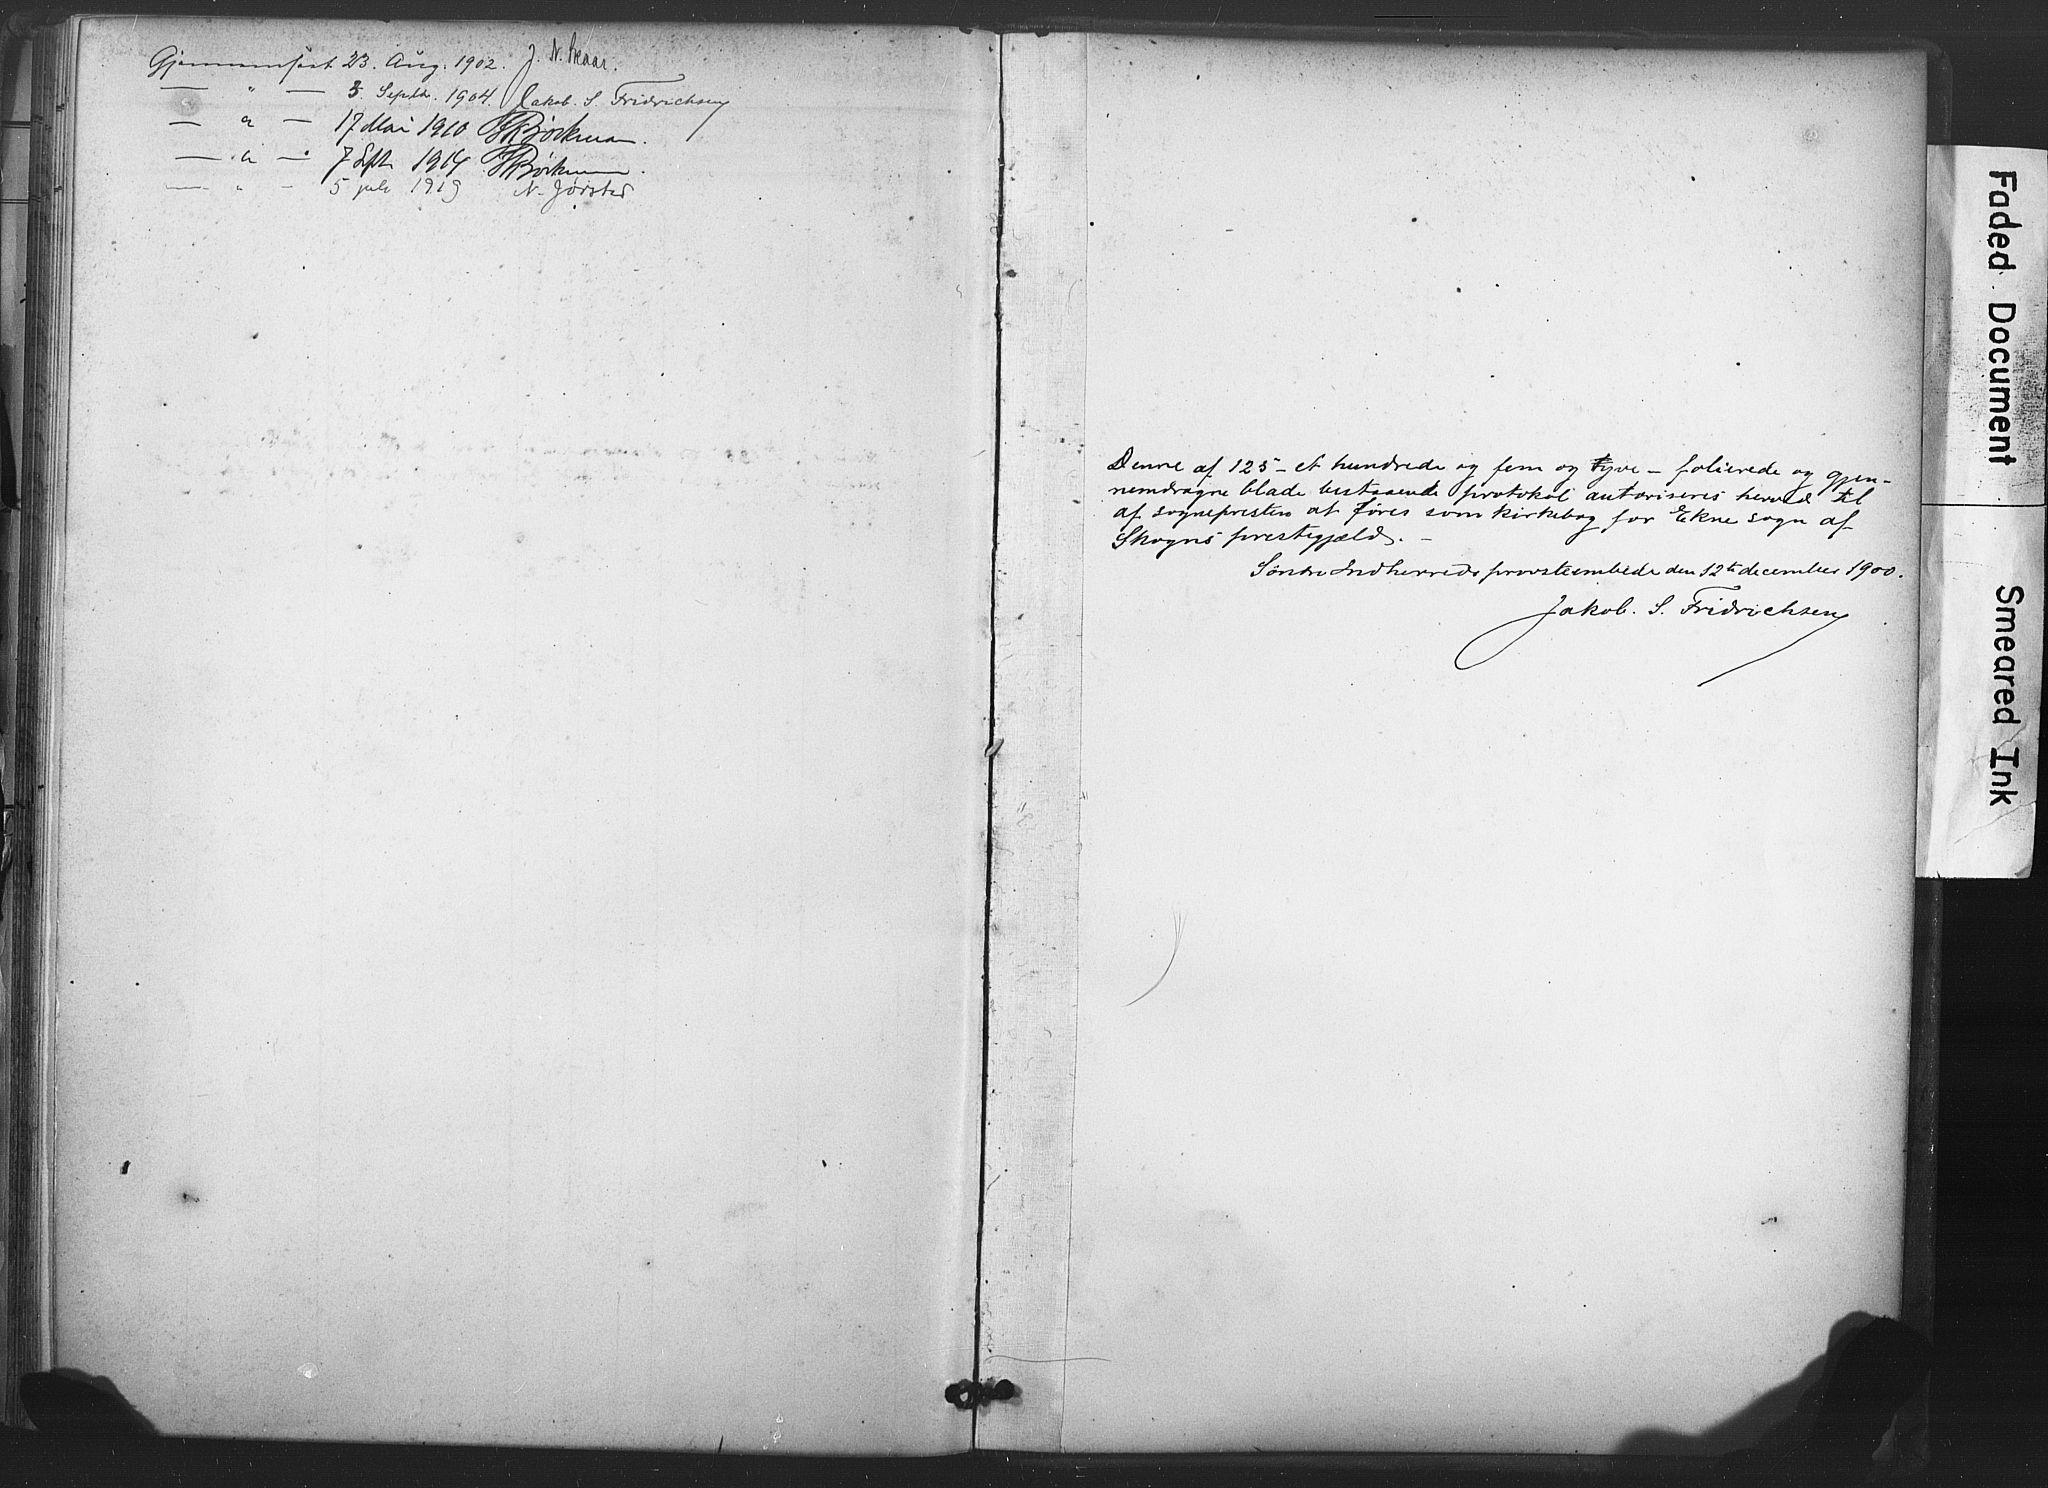 SAT, Ministerialprotokoller, klokkerbøker og fødselsregistre - Nord-Trøndelag, 719/L0179: Ministerialbok nr. 719A02, 1901-1923